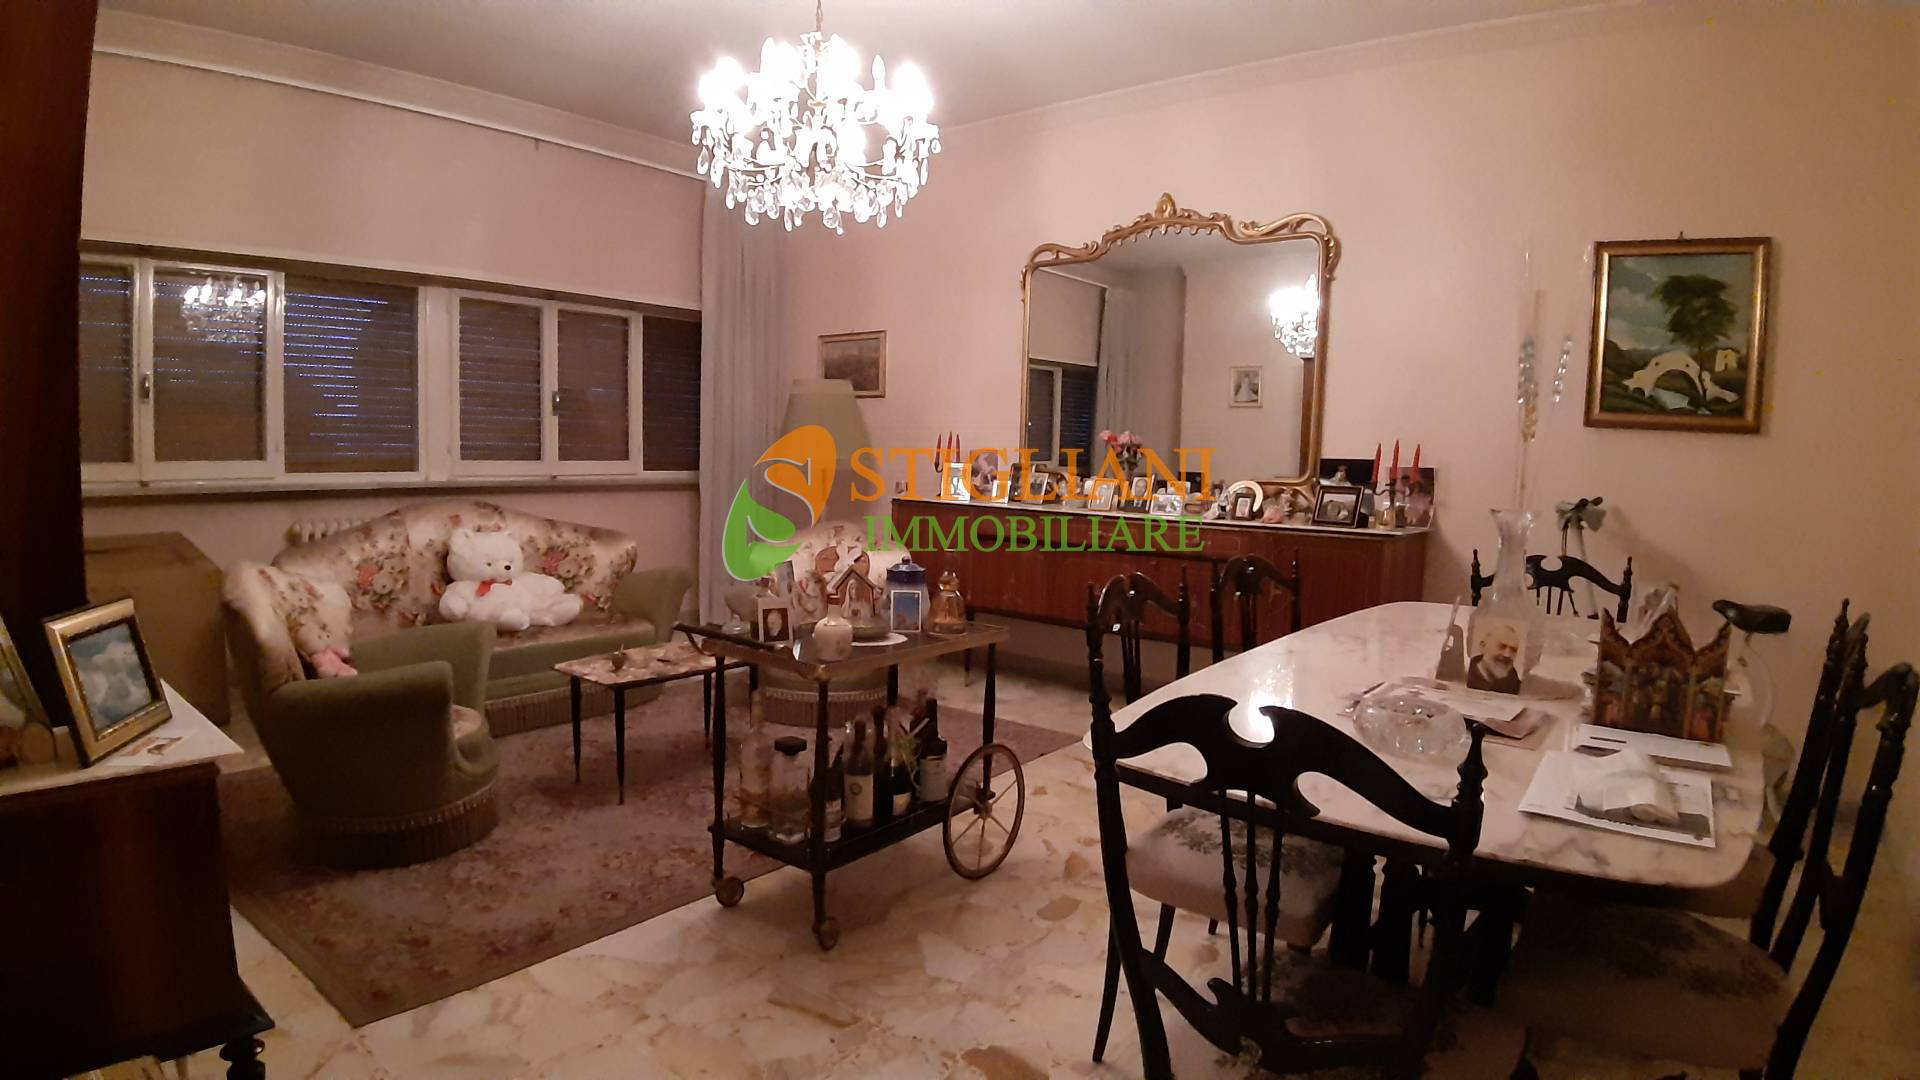 Appartamento in affitto a Campobasso, 5 locali, zona Zona: Semicentro, prezzo € 450 | CambioCasa.it